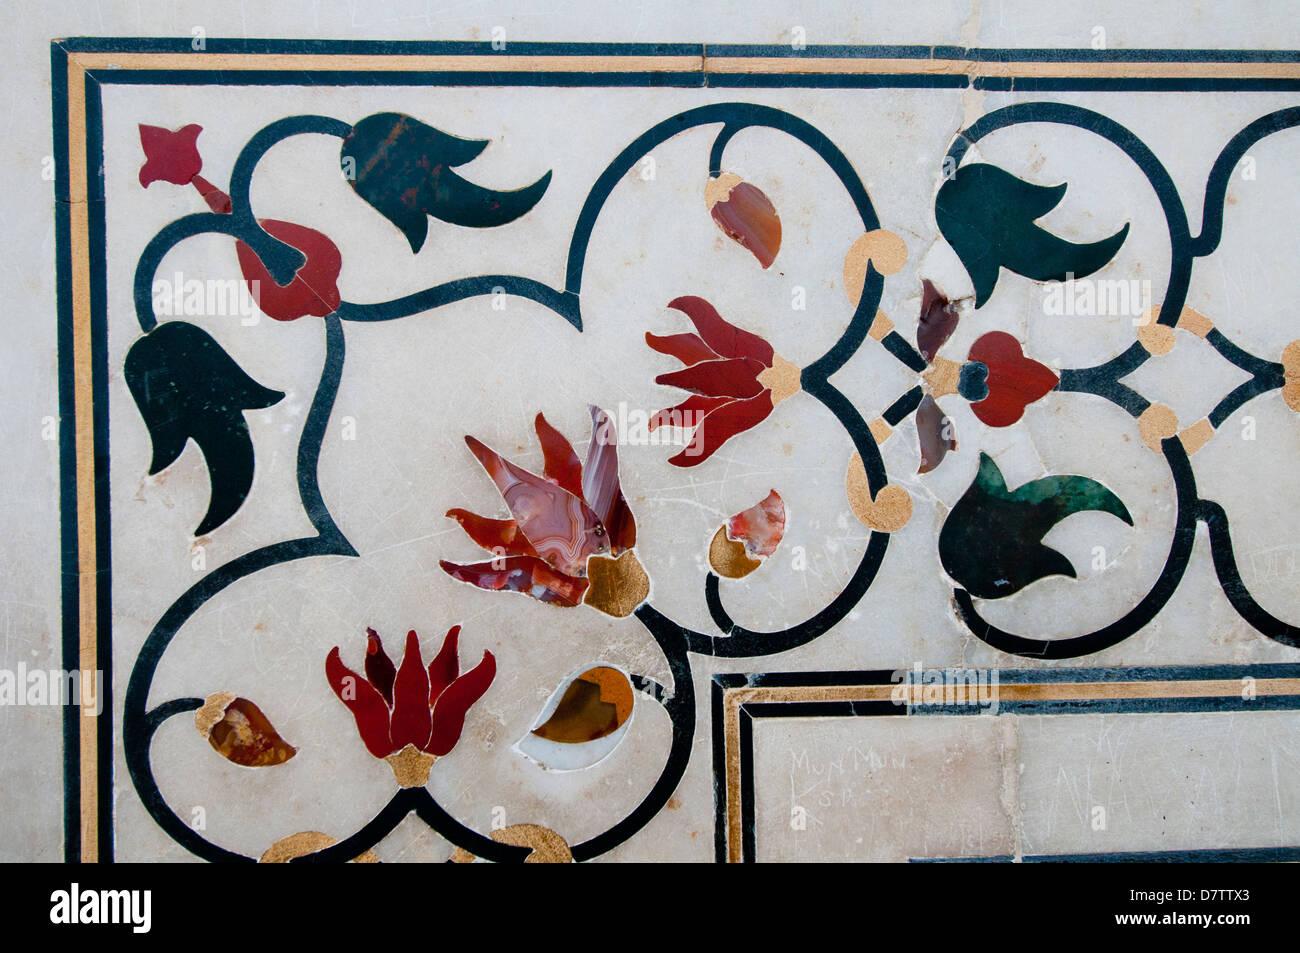 5f0dd7cad4 Cierre de trabajos de taracea de piedras en el Taj Mahal en Agra, India  Imagen